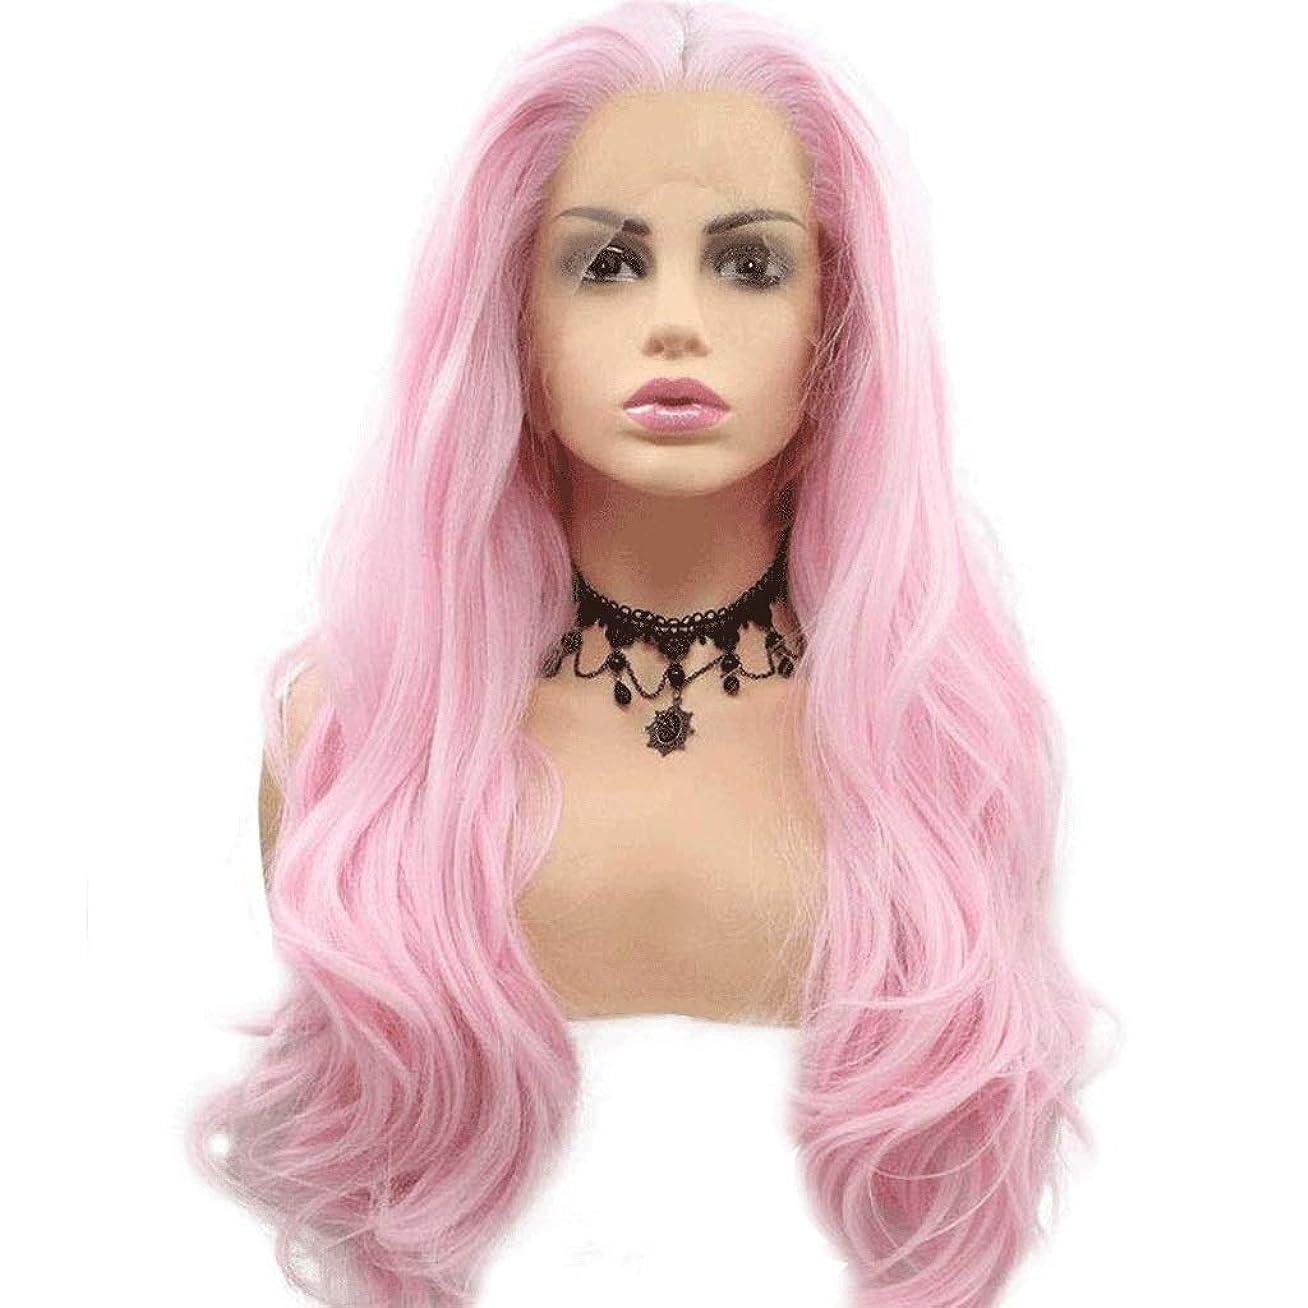 治安判事博覧会誓約ウィメンズピンクロングナチュラルカーリーレースフロント合成かつら、180%密度、ナチュラルヘアライン、レディースパーティー用、コスプレ、コスチューム毎日の交換24インチ (色 : Body pink)